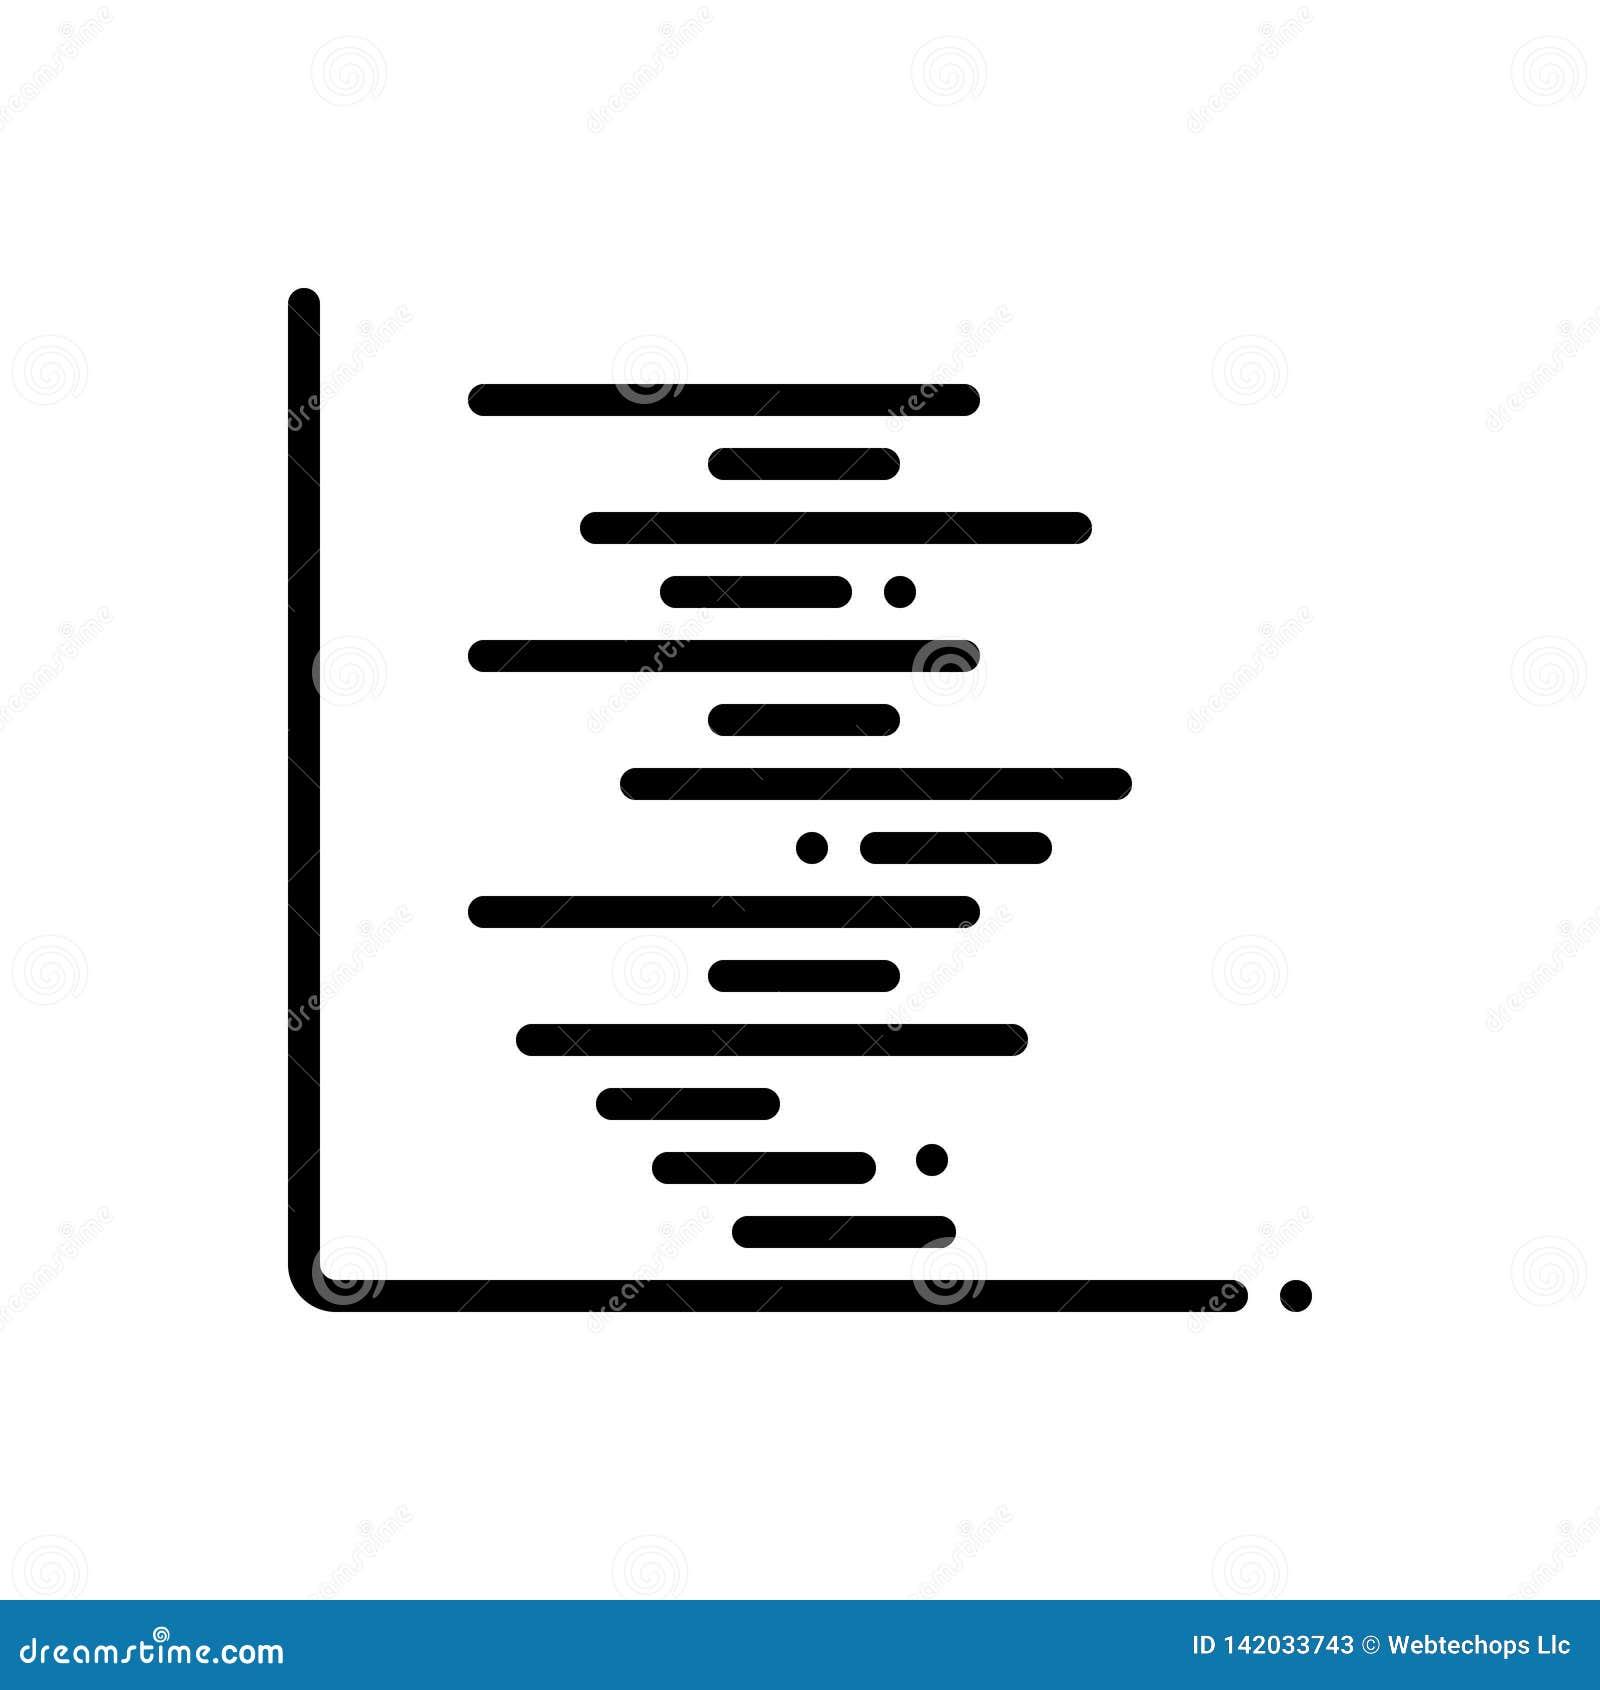 Μαύρο εικονίδιο γραμμών για Gant, το διάγραμμα και την υπόδειξη ως προς το χρόνο